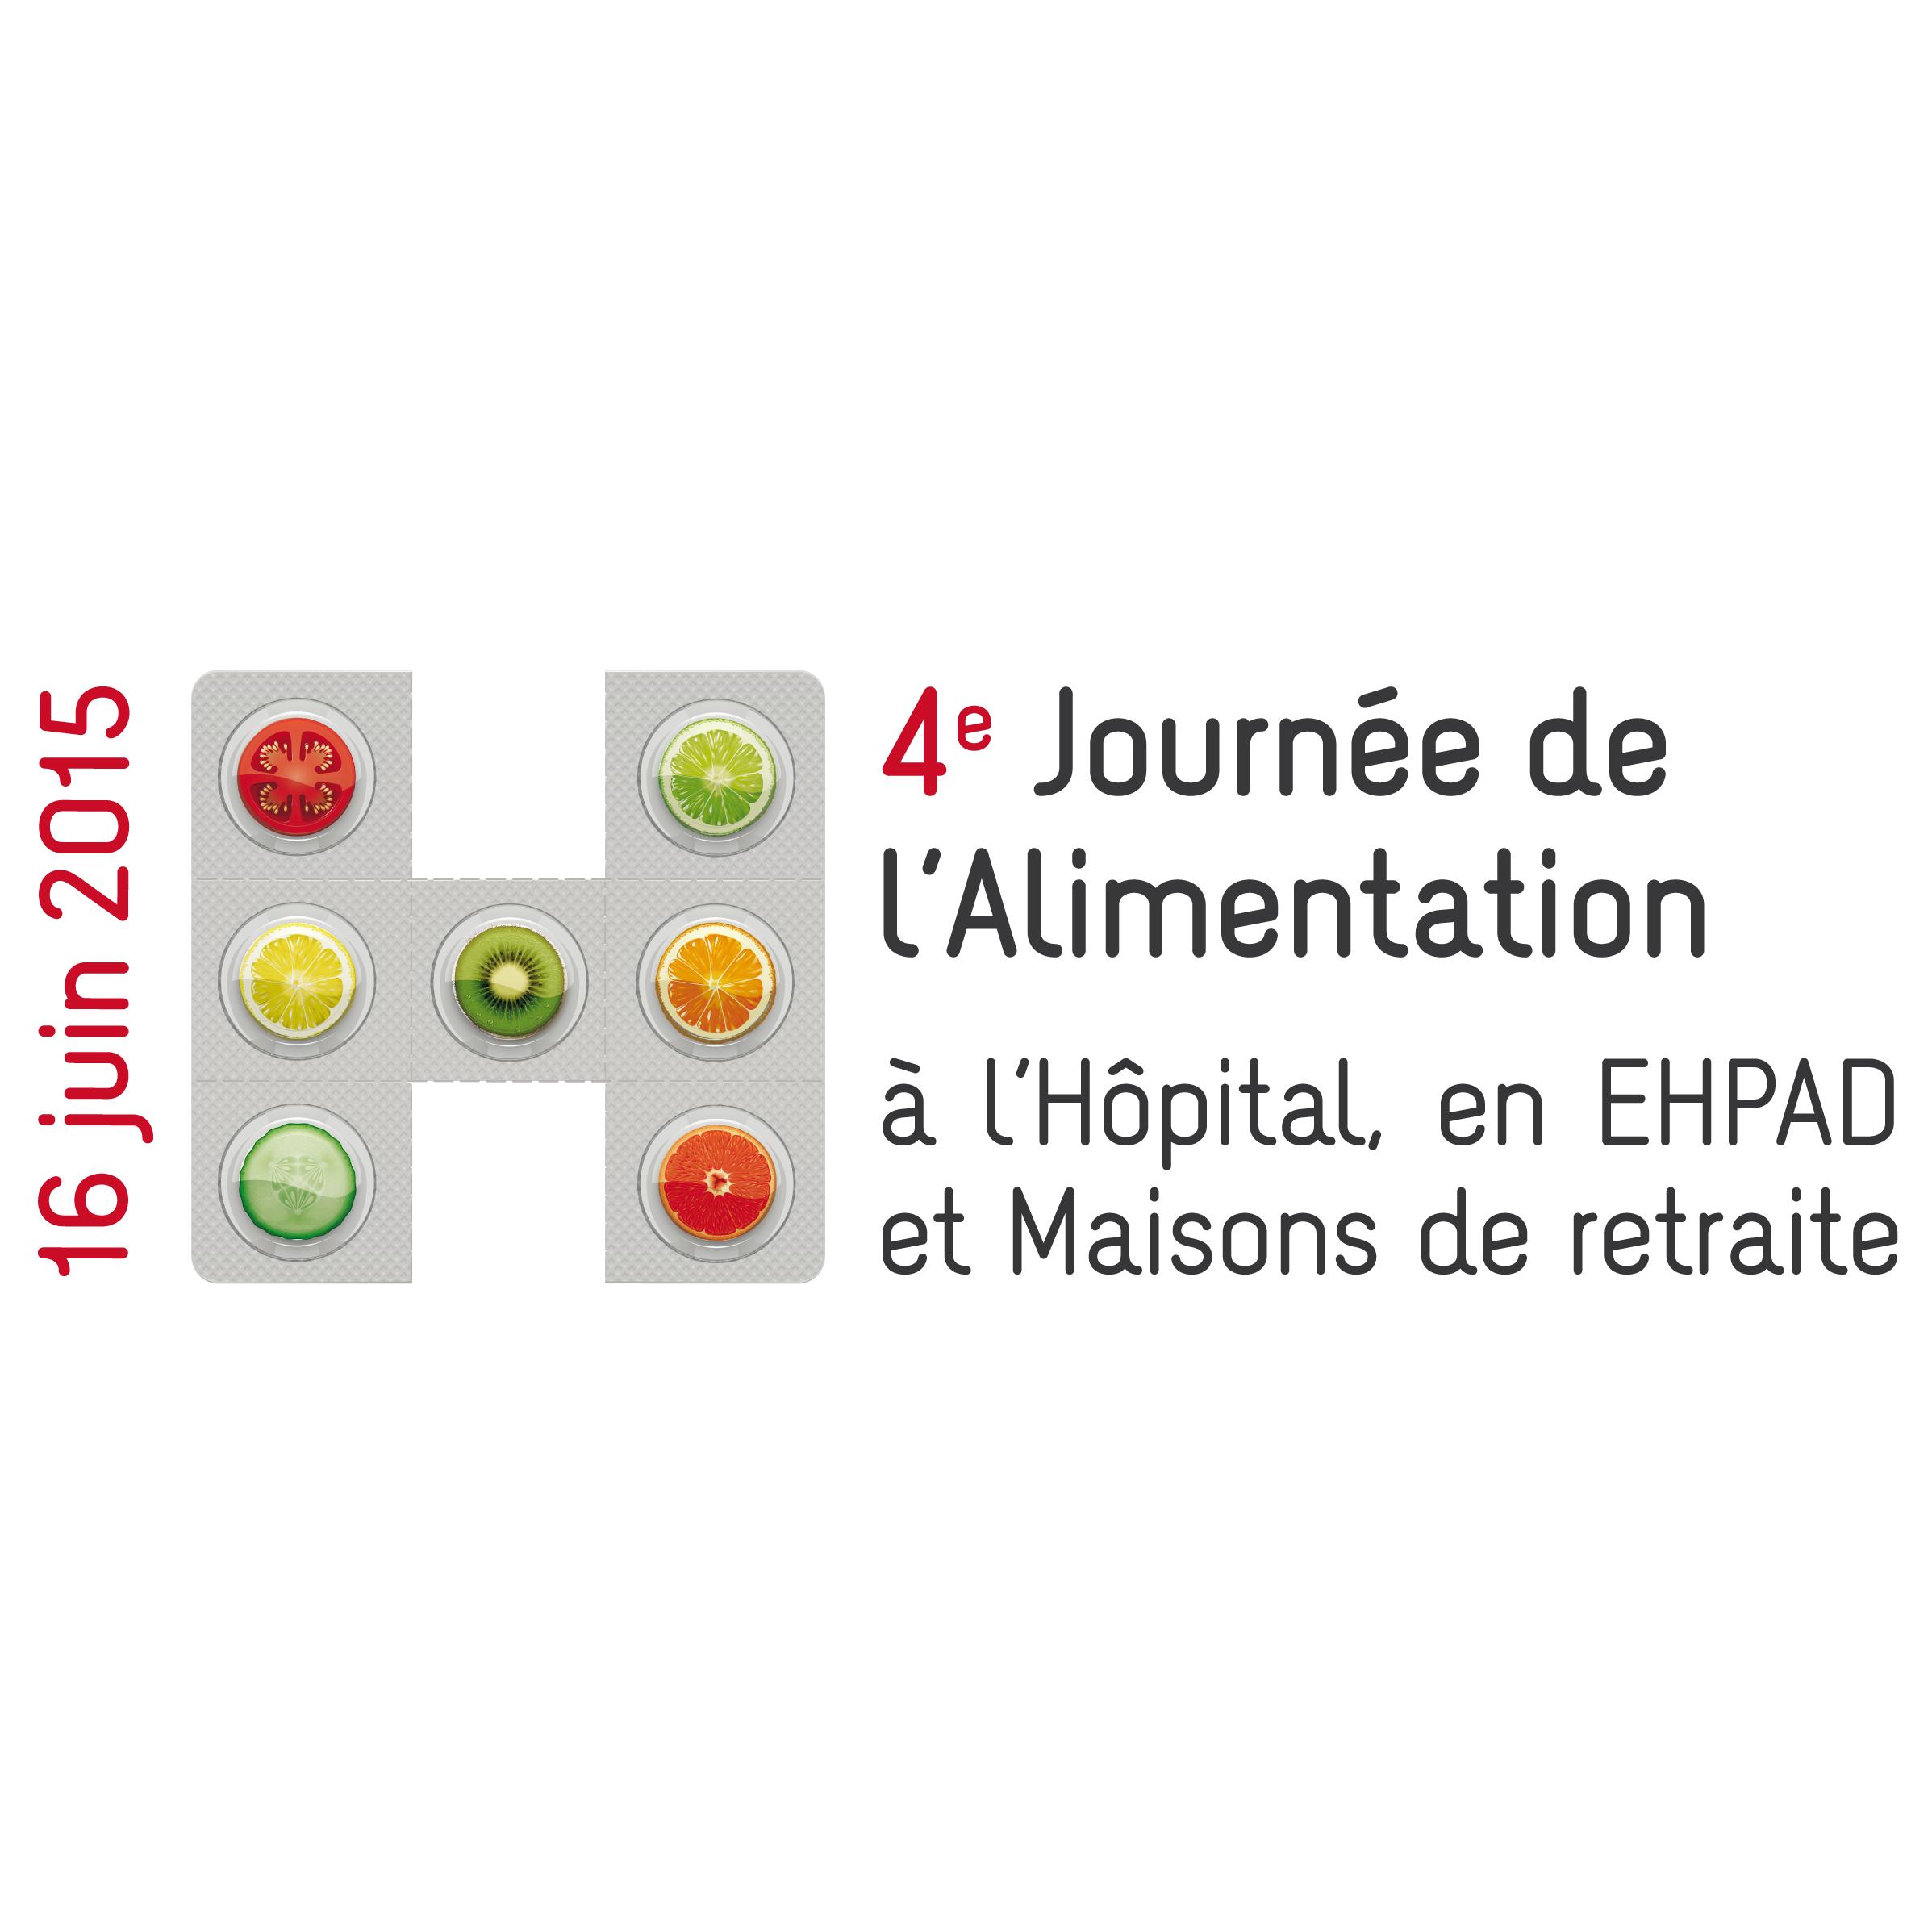 RENDEZ-VOUS : le 16 juin 2015, la 4ème édition de la Journée de l'Alimentation à l'Hôpital, en EHPAD et en maisons de retraite